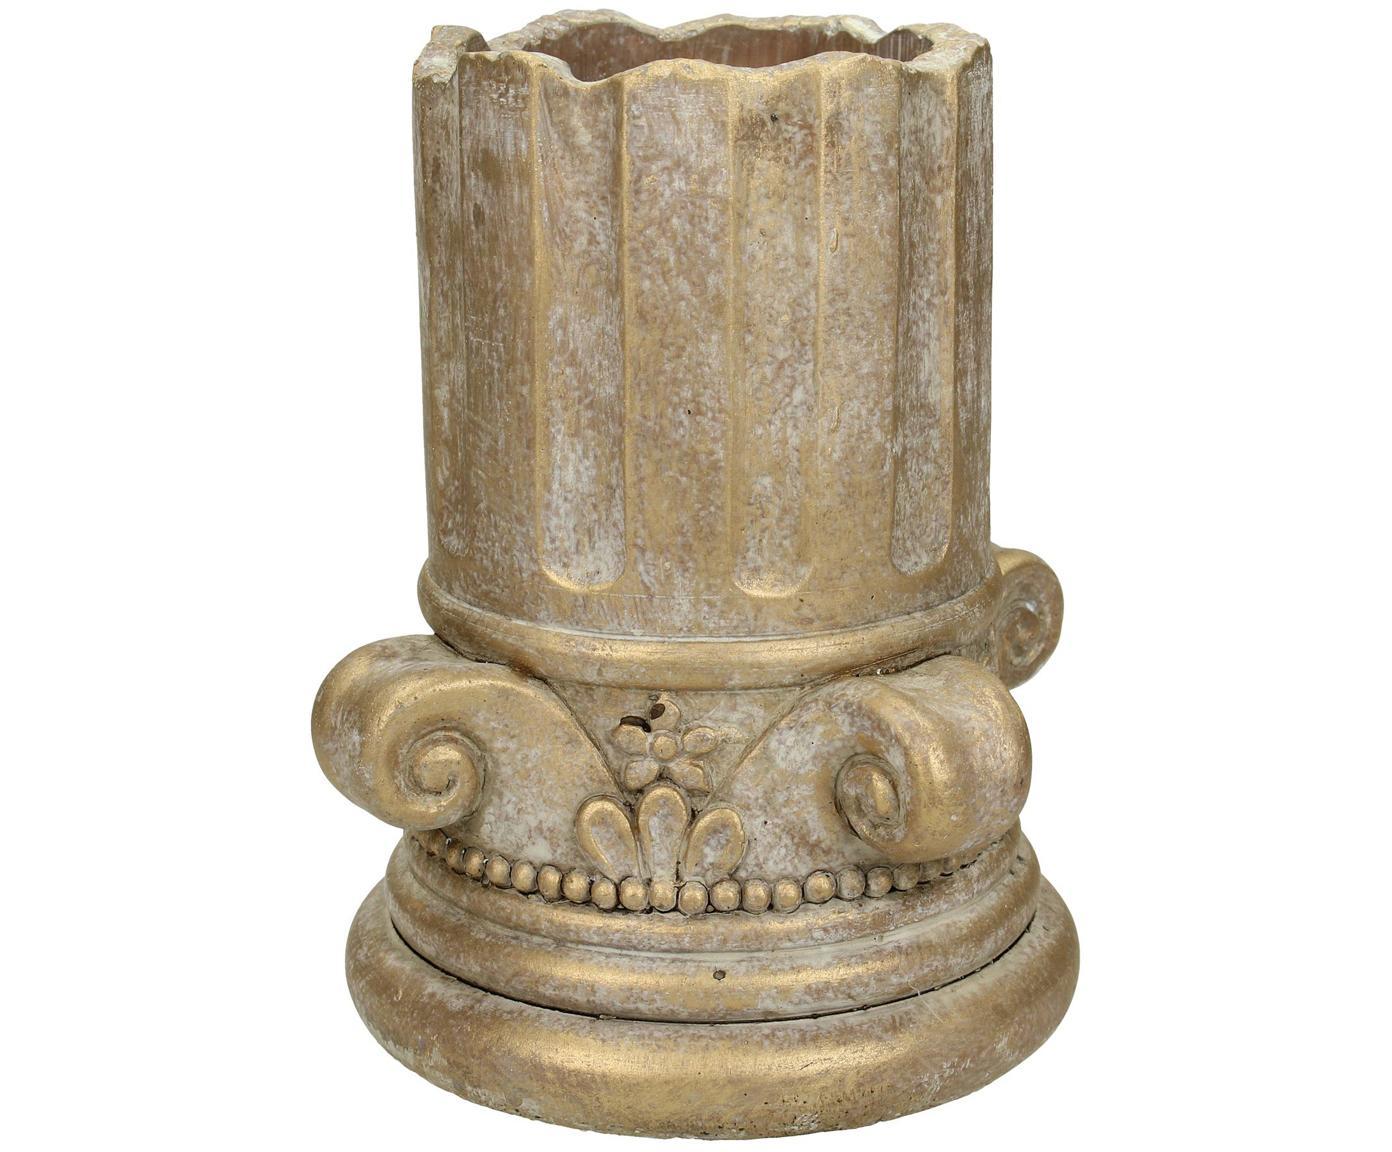 Portavaso dorato con finitura anticata Column, Cemento, Dorato con  finitura antica, Ø 15 x Alt. 17 cm